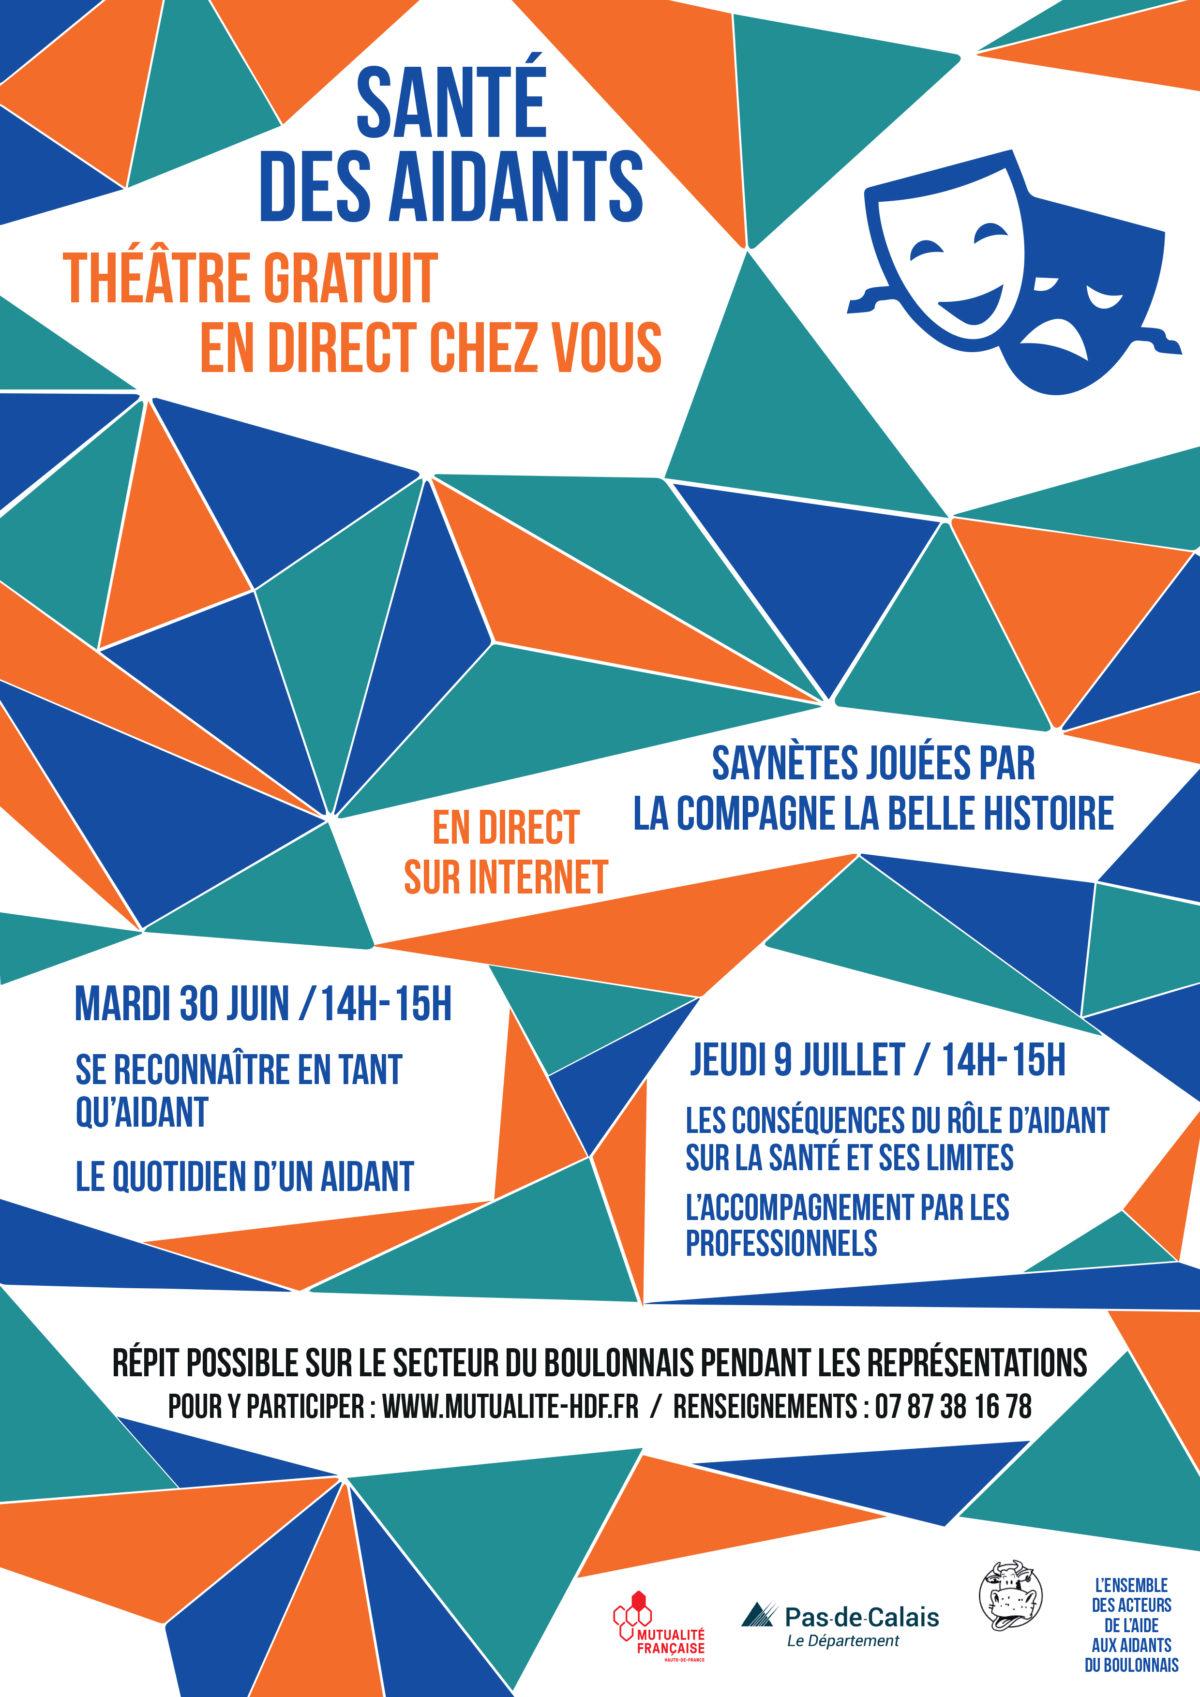 Santé des aidants – théâtre gratuit en live